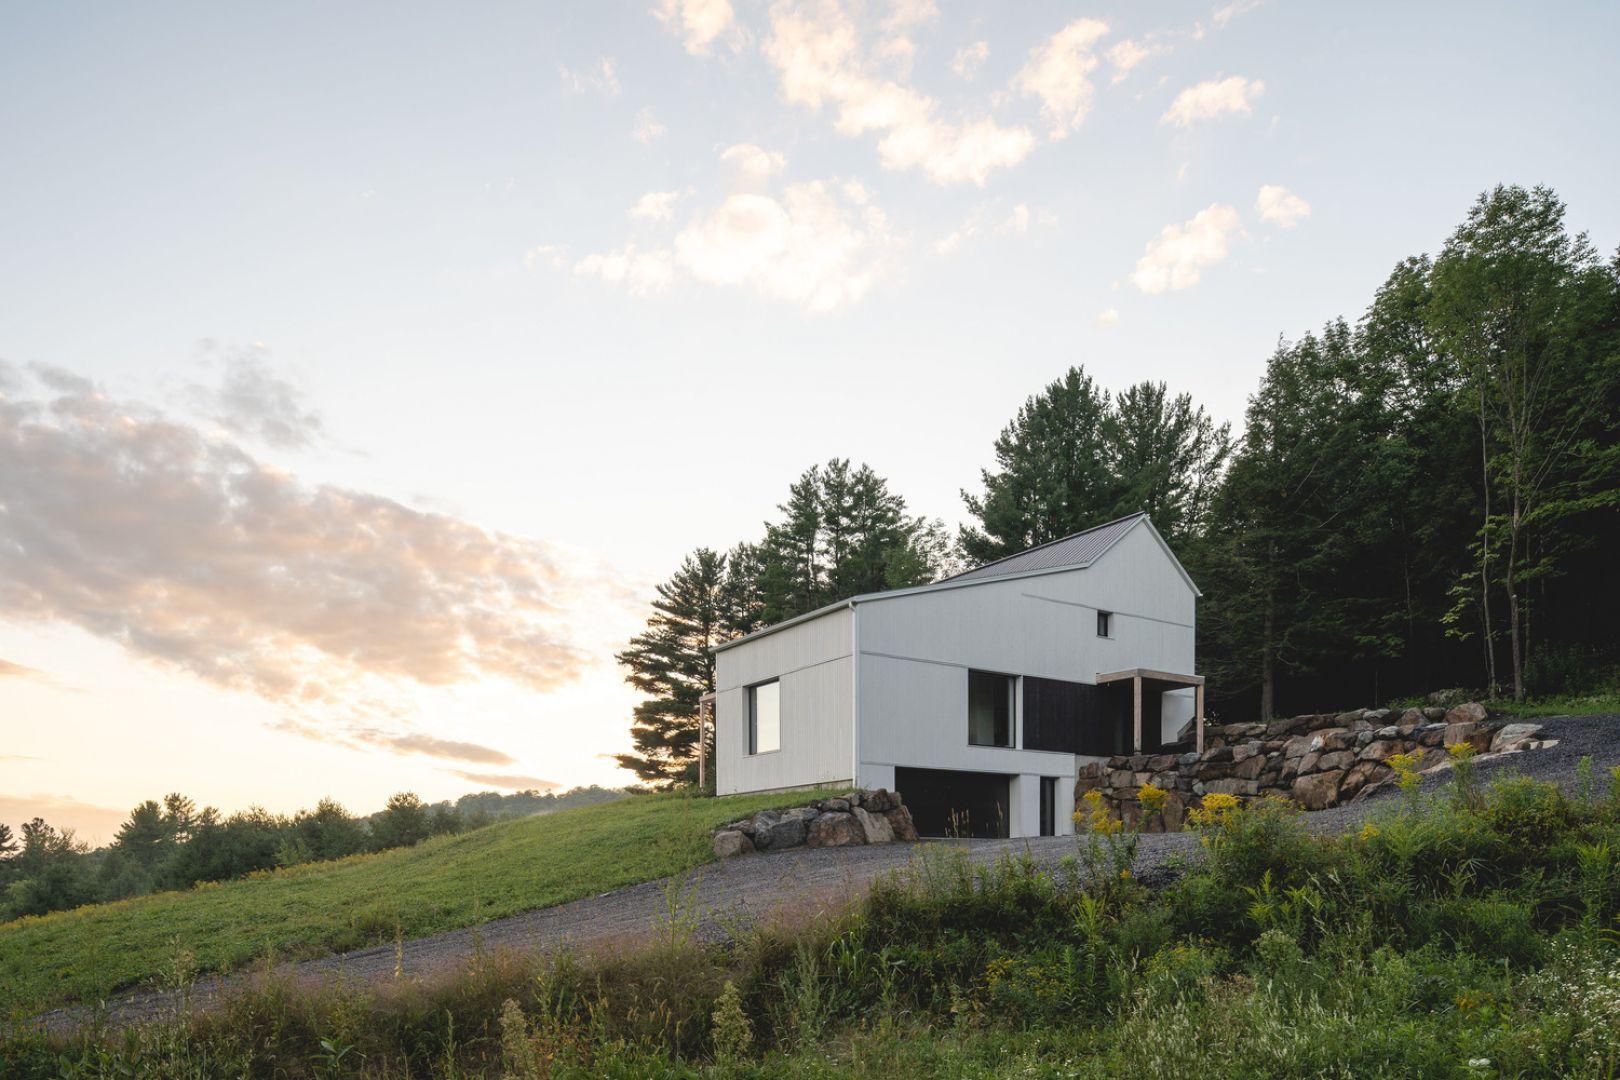 Nowoczesny dom wybudowany w systemie domu pasywnego. Projekt: pracownia L'Abri. Zdjęcia: Raphaël Thibodeau